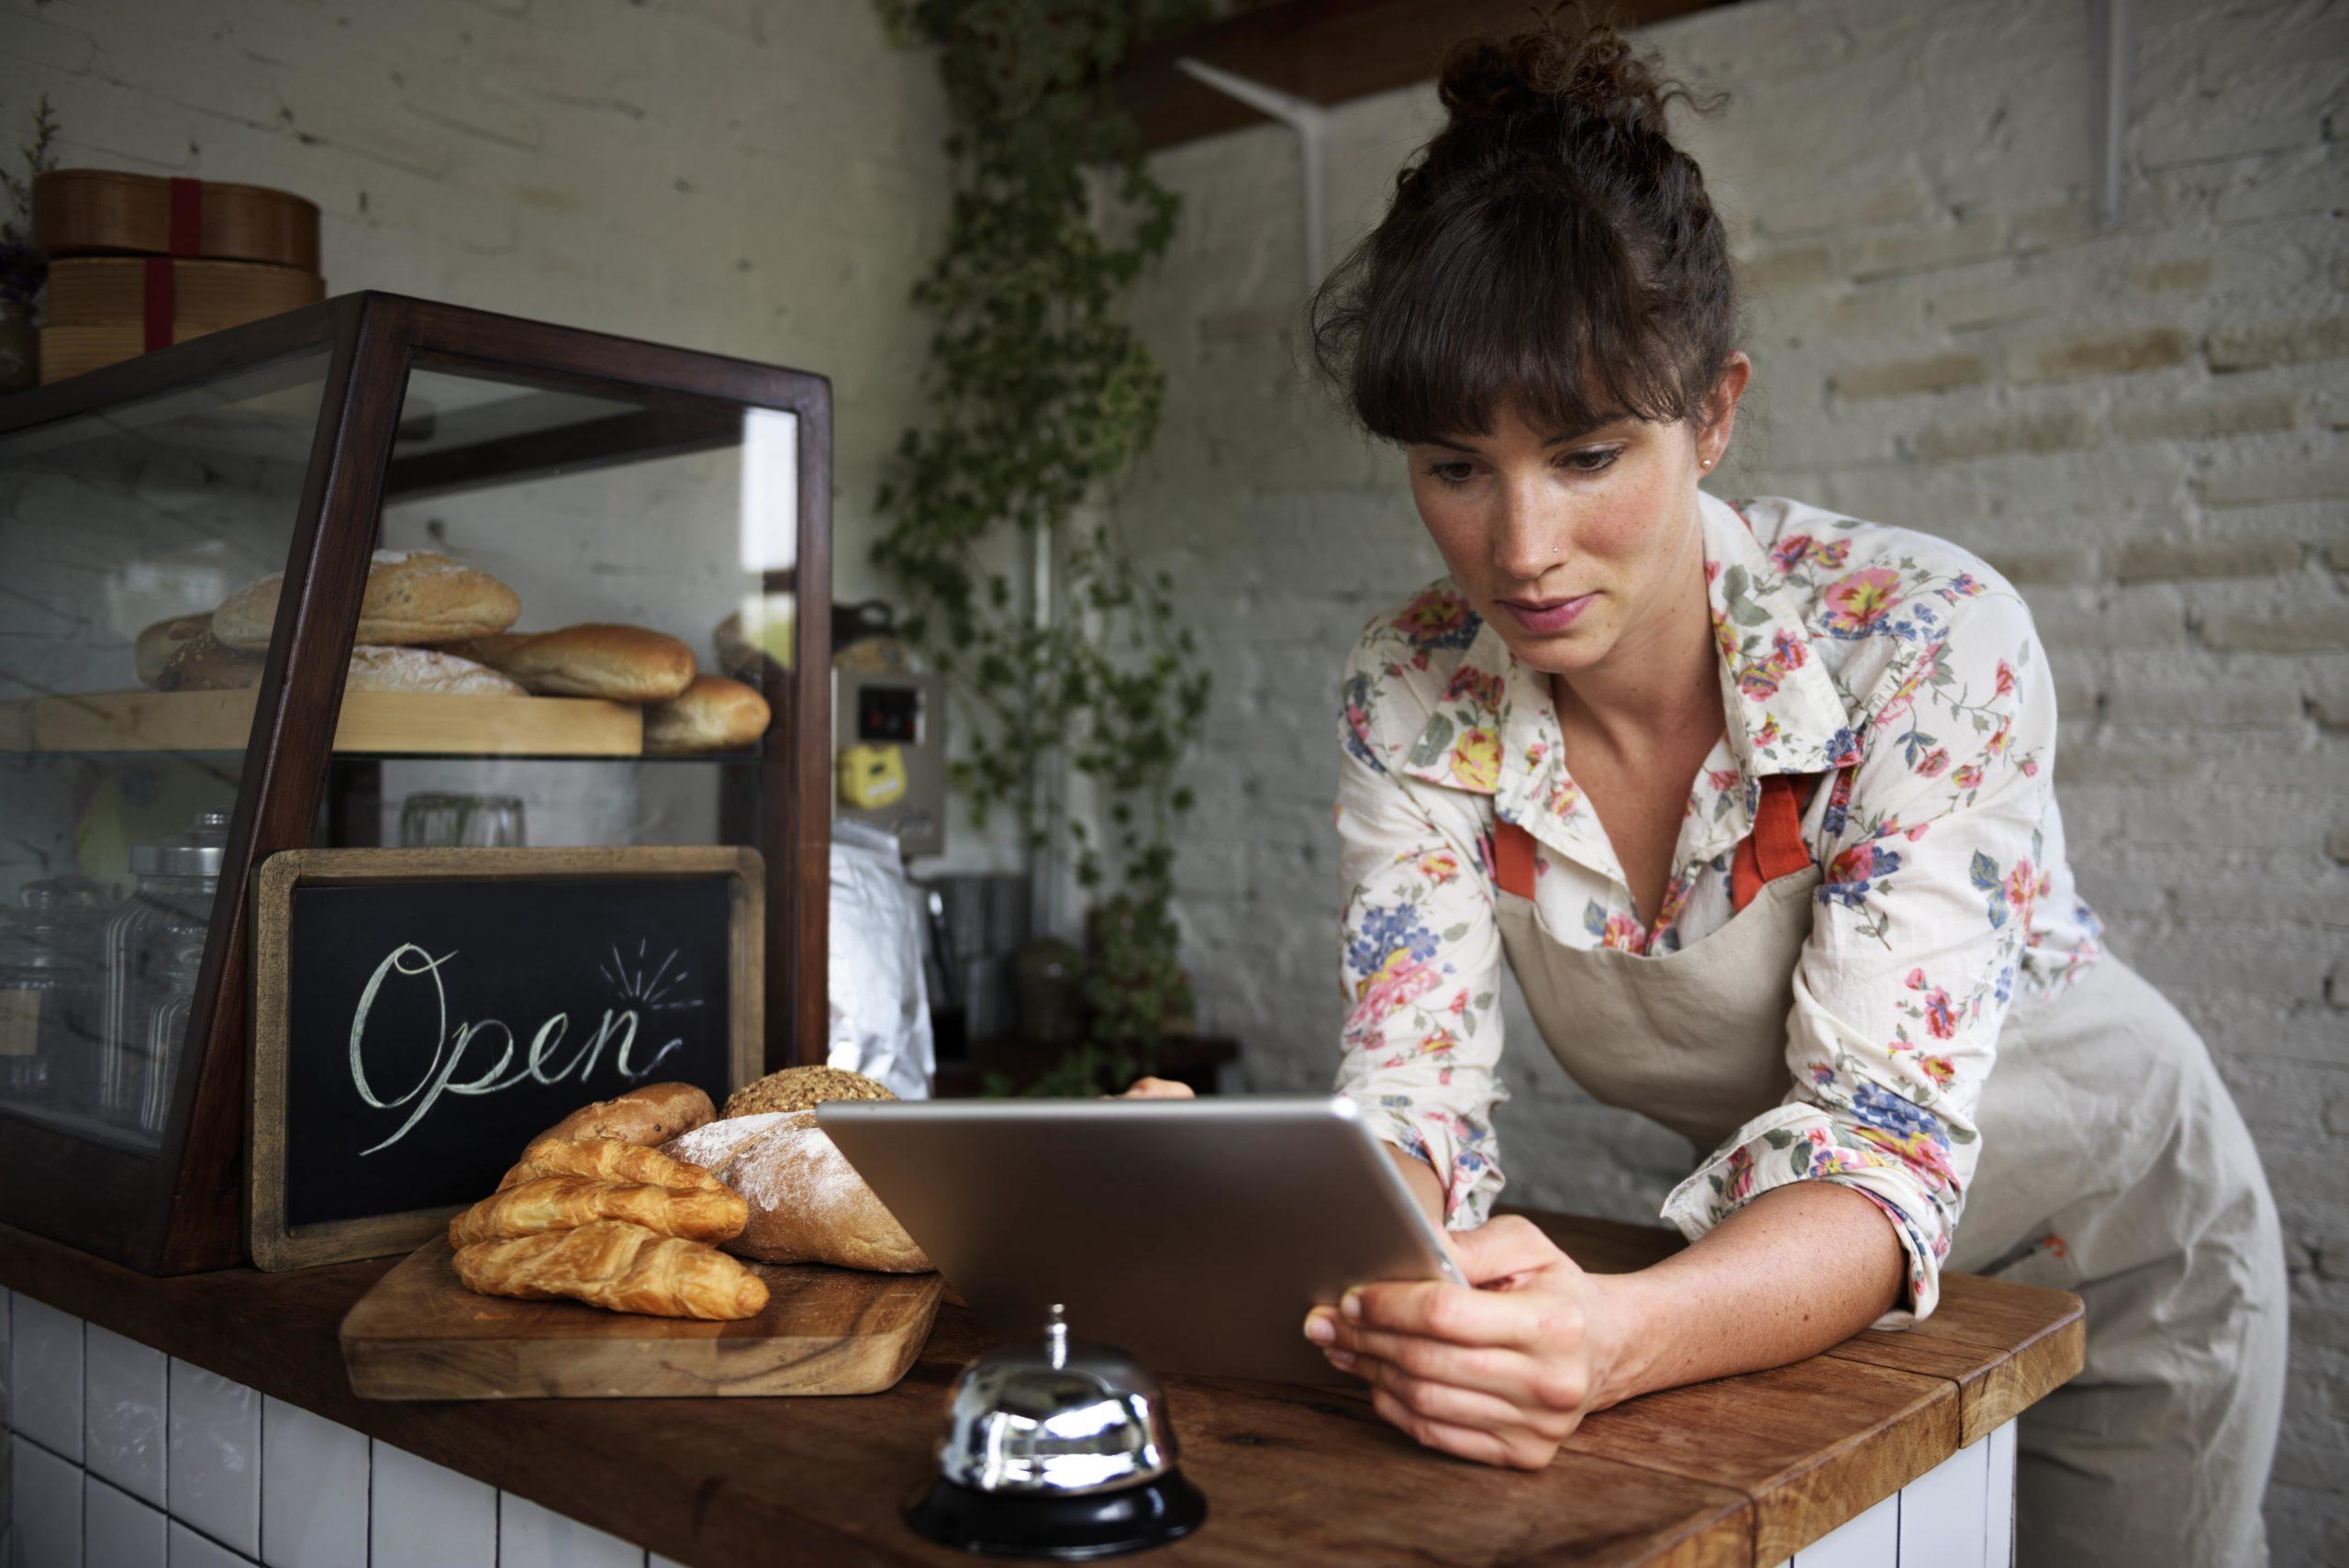 De voordelen van een WiFi netwerk voor u als ondernemer